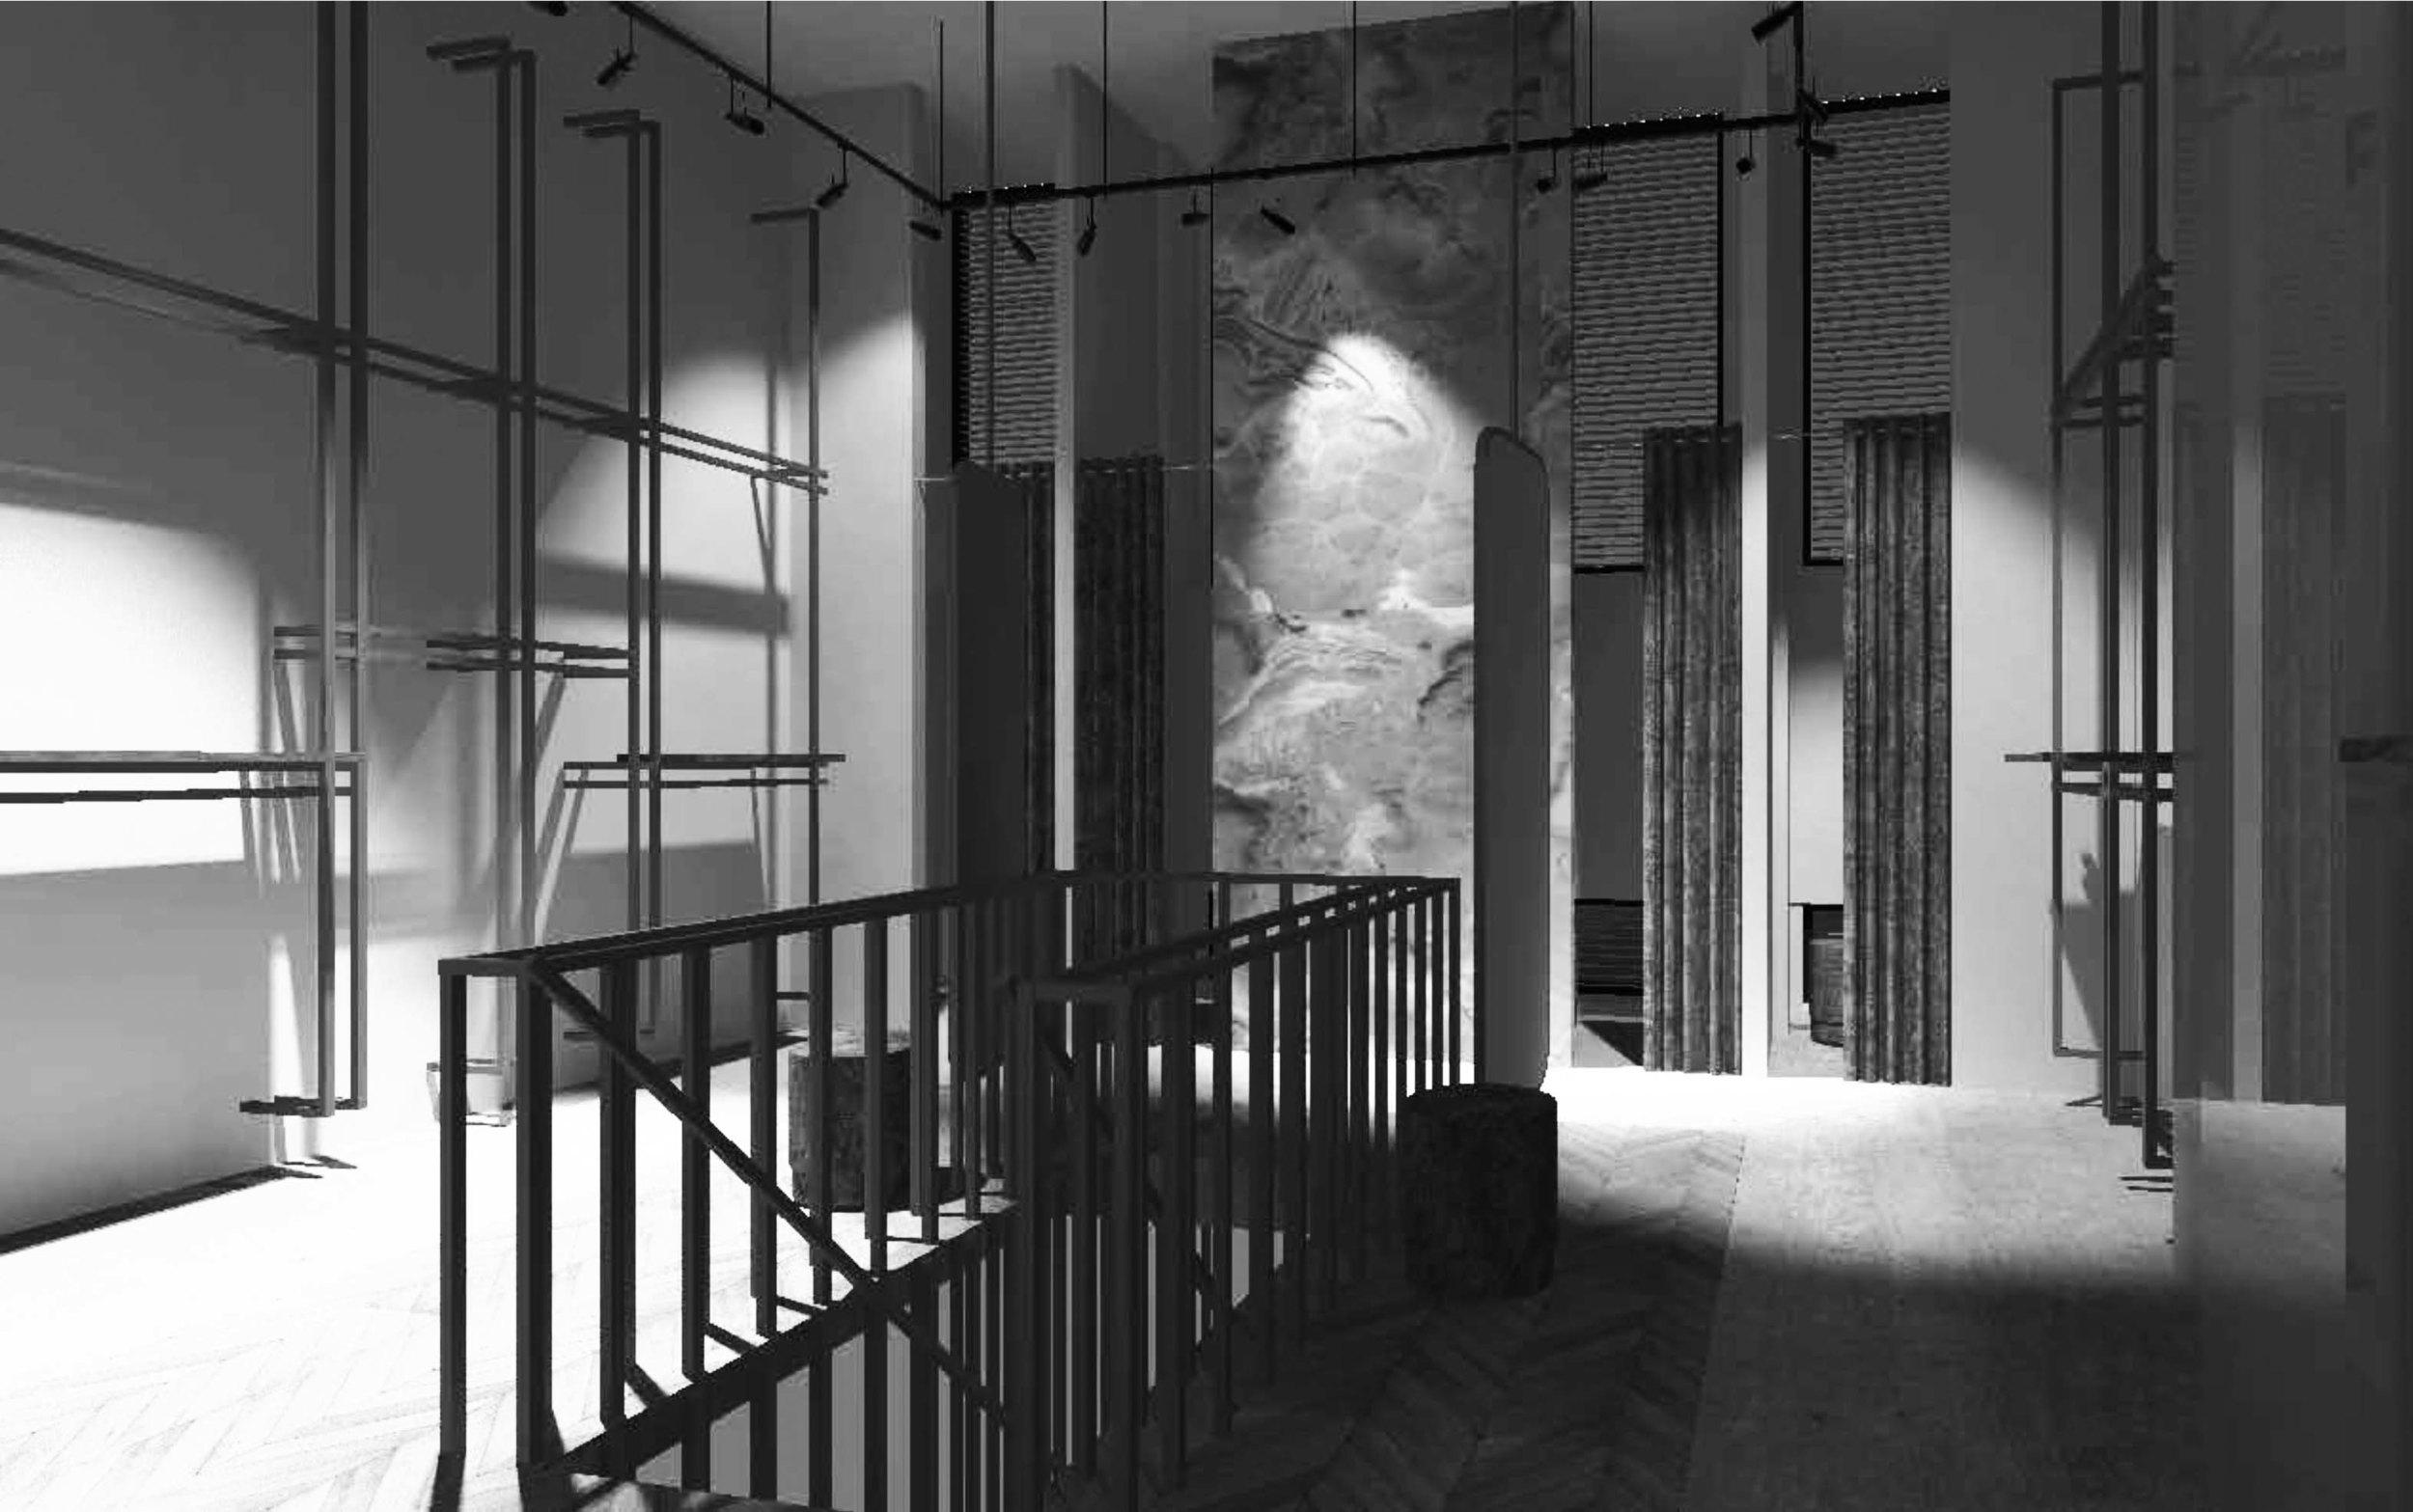 006 DANTE6  lex de Gooijer Interiors meent-123.jpg